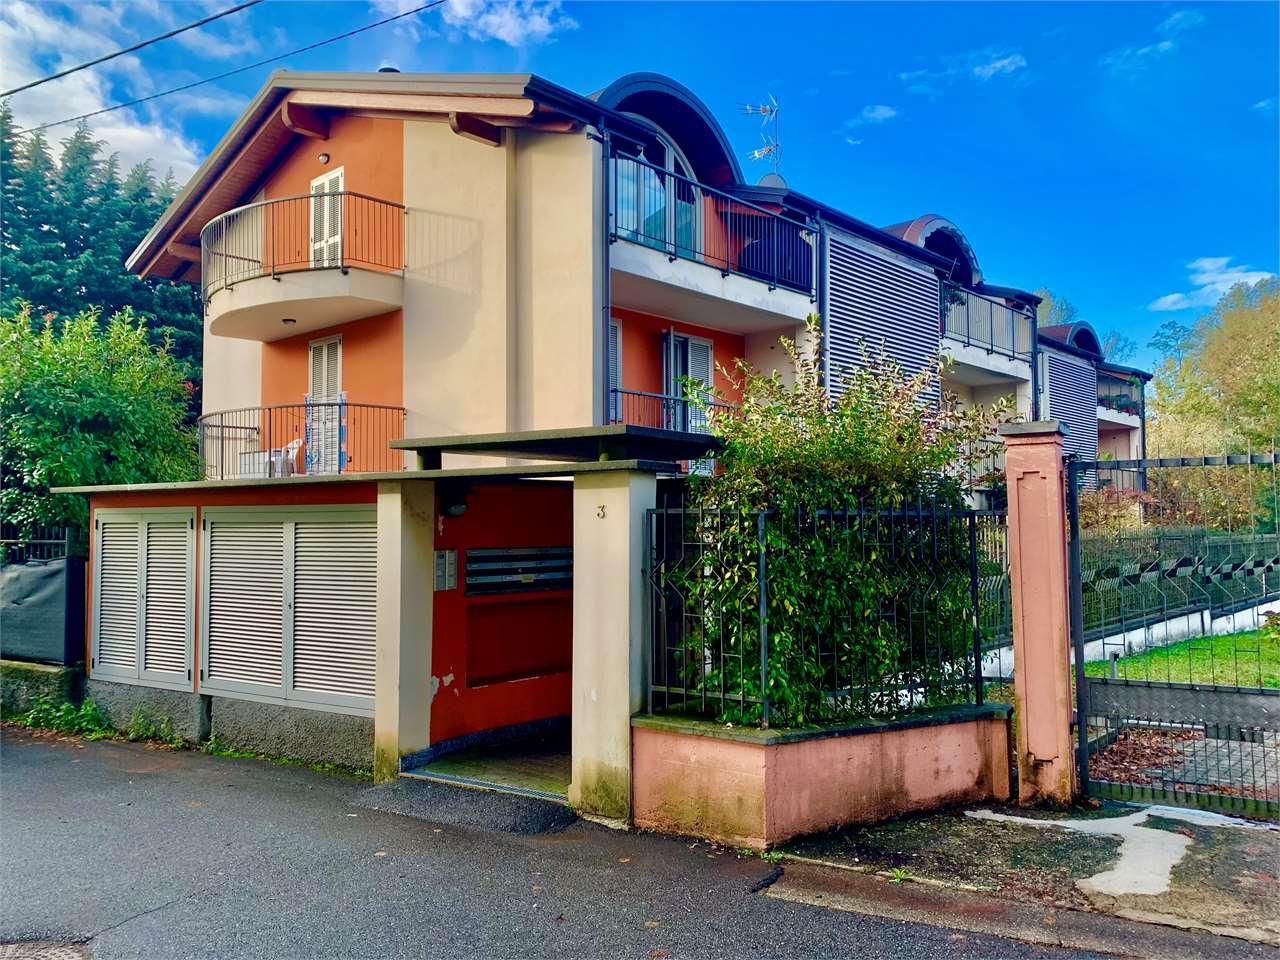 Appartamento in vendita a Sesto Calende, 3 locali, prezzo € 149.000 | CambioCasa.it